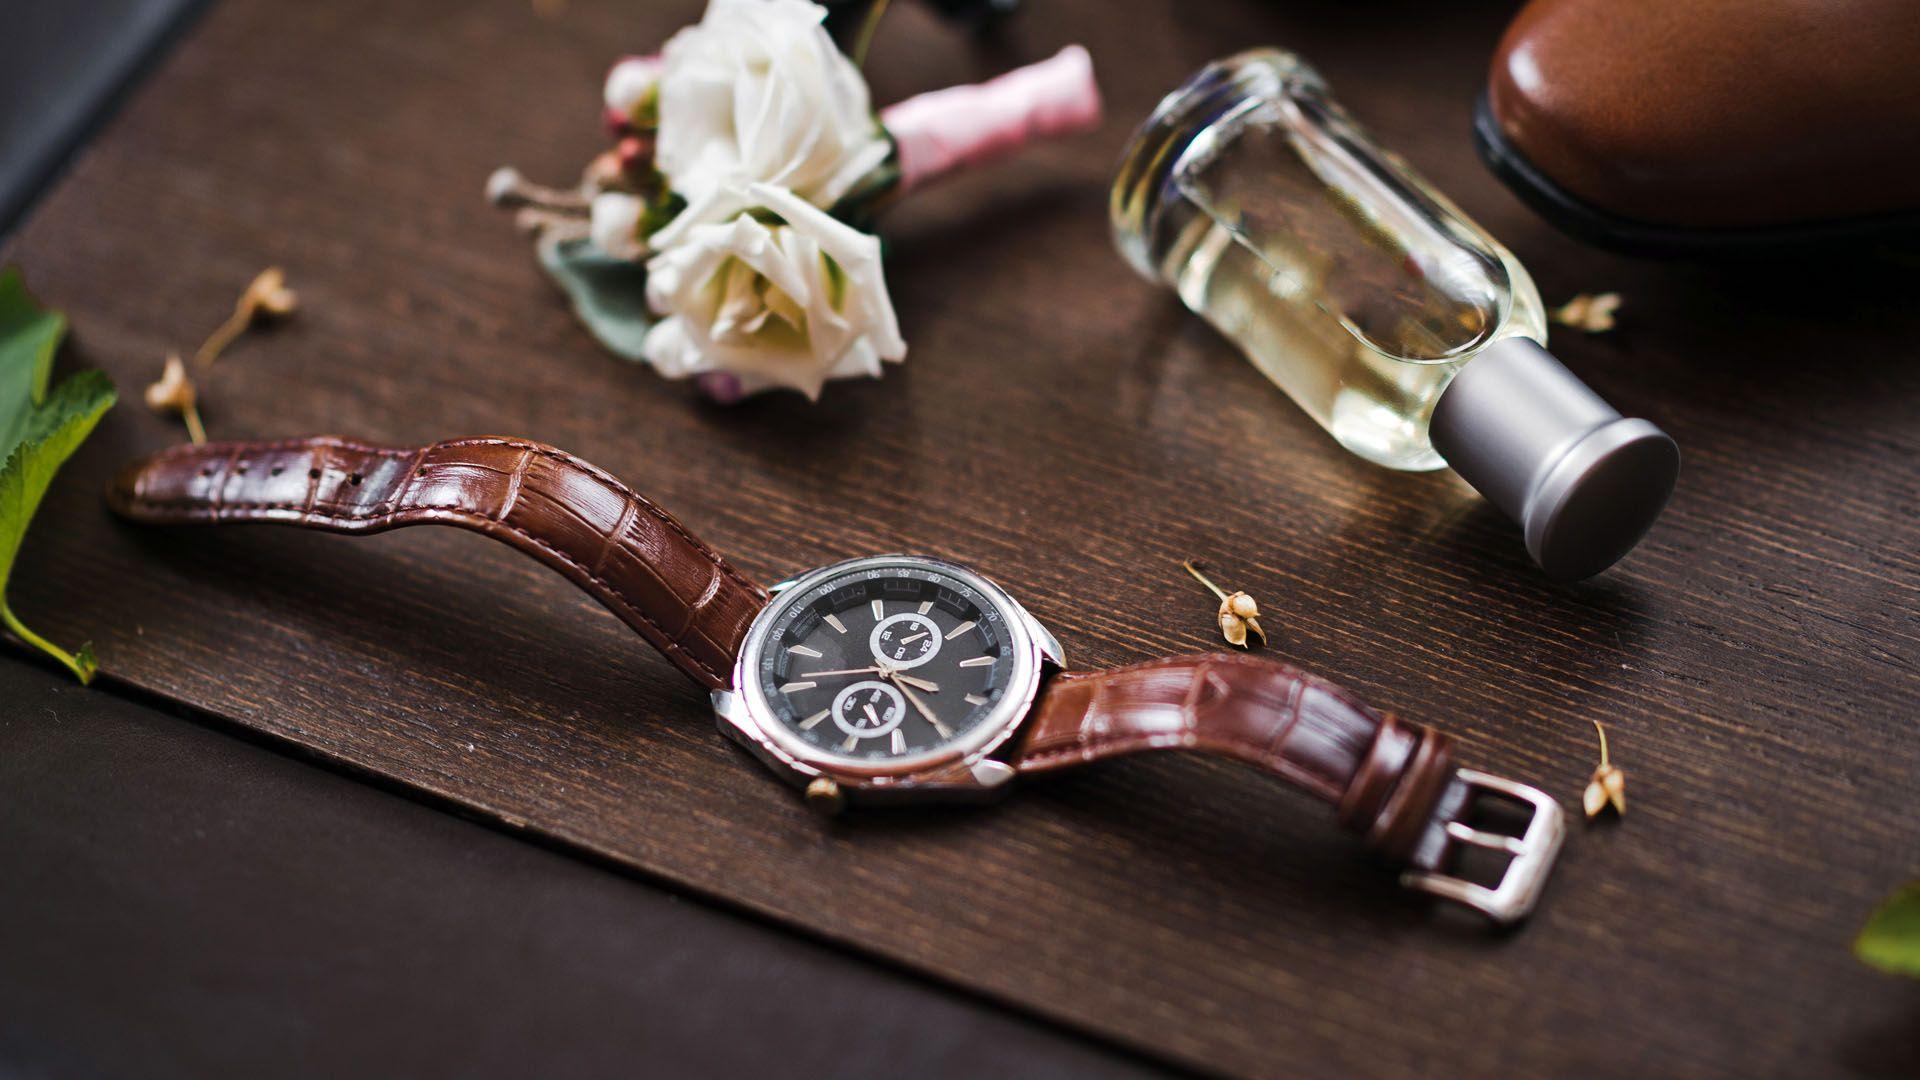 智慧時代來臨,也衝擊著傳統製錶產業